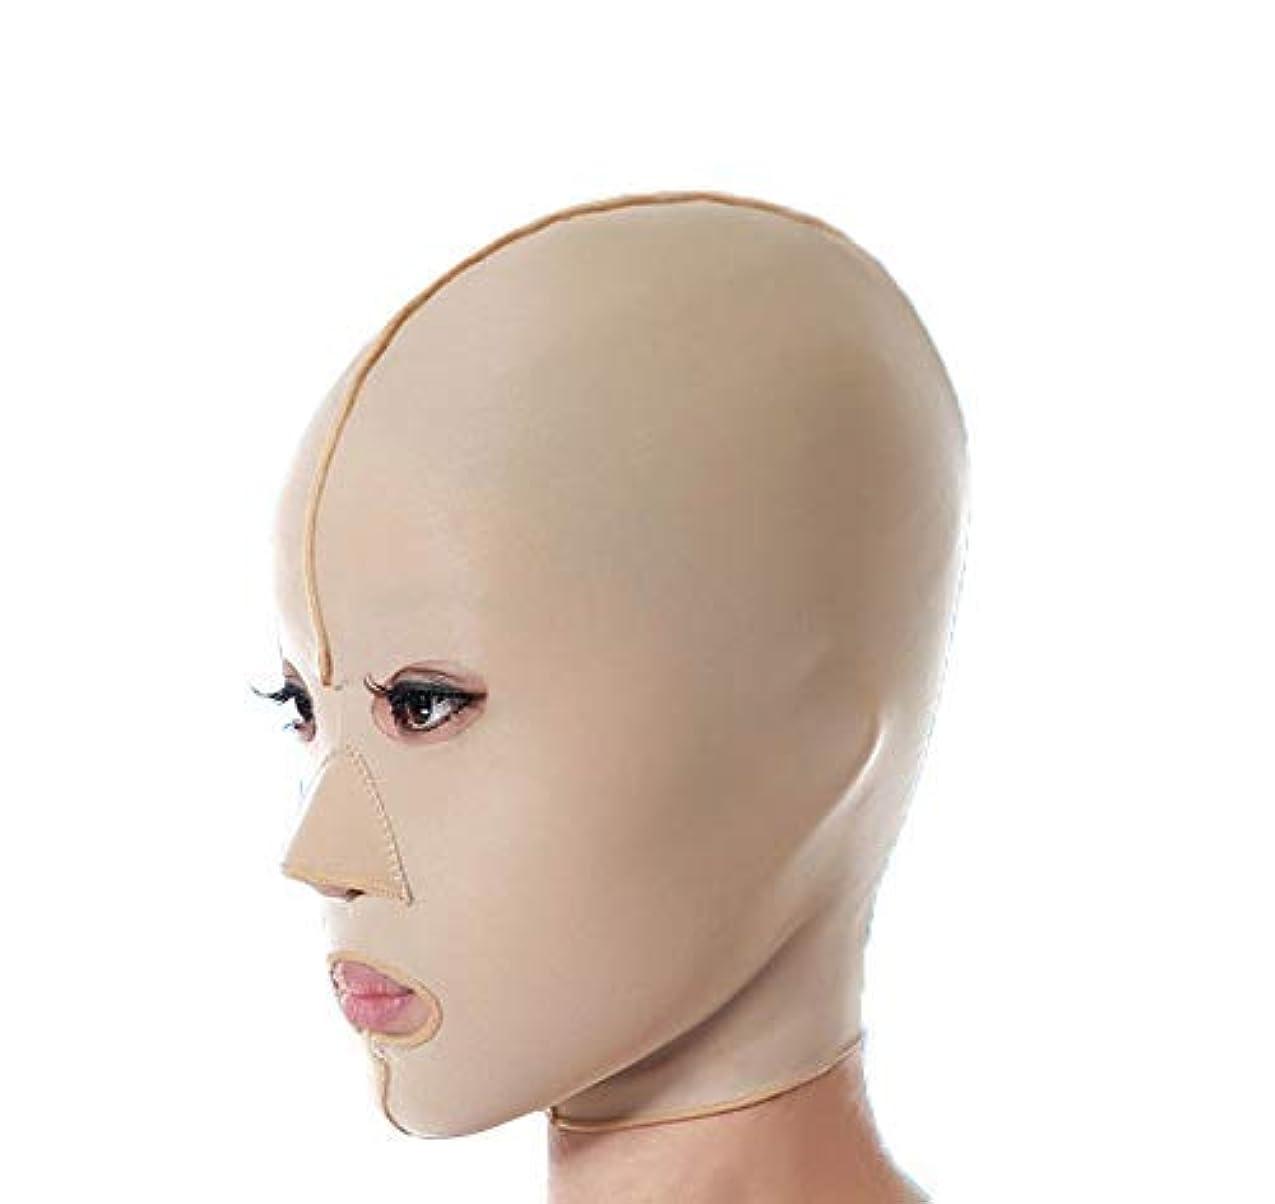 経由で警察ナビゲーションファーミングフェイスマスク、フェイシャルマスク医学強力なフェイスマスクアーティファクト美容垂れ防止法パターンフェイシャルリフティングファーミングフルフェイスマスク(サイズ:M),S